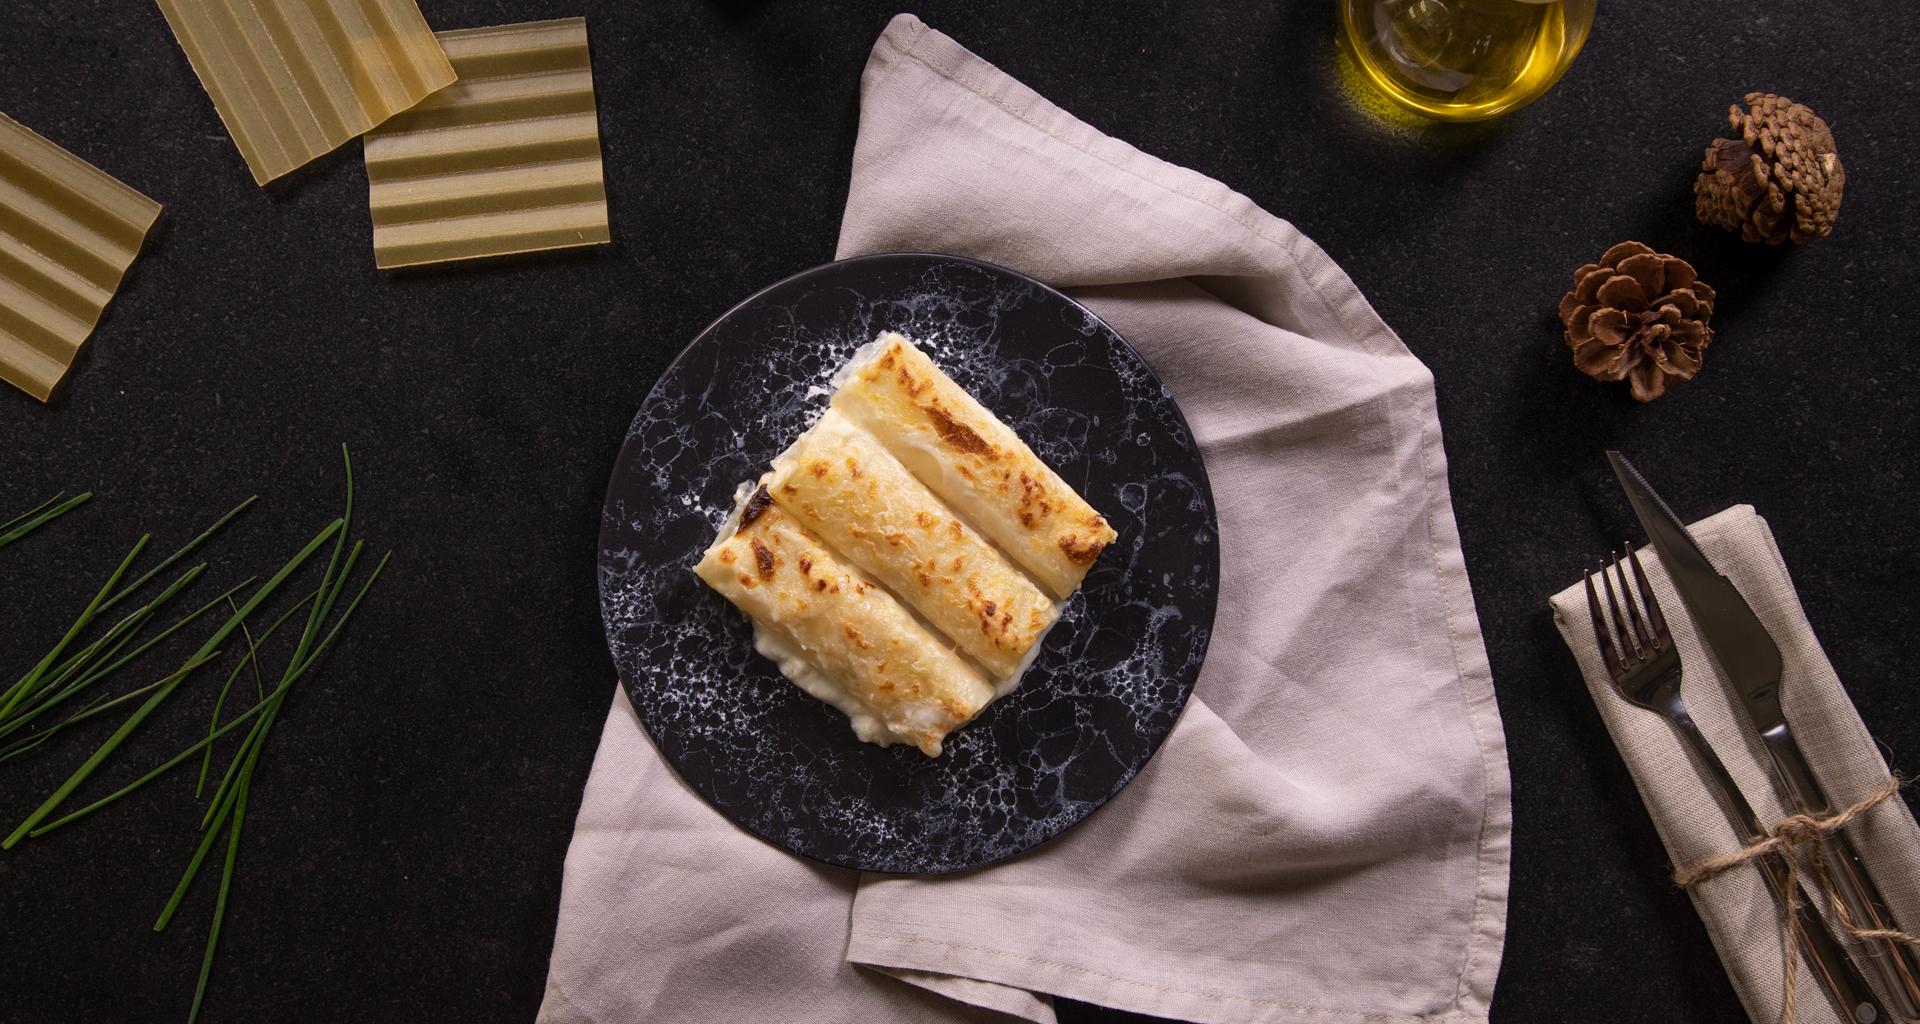 Qué receta hacer con langostinos cocidos